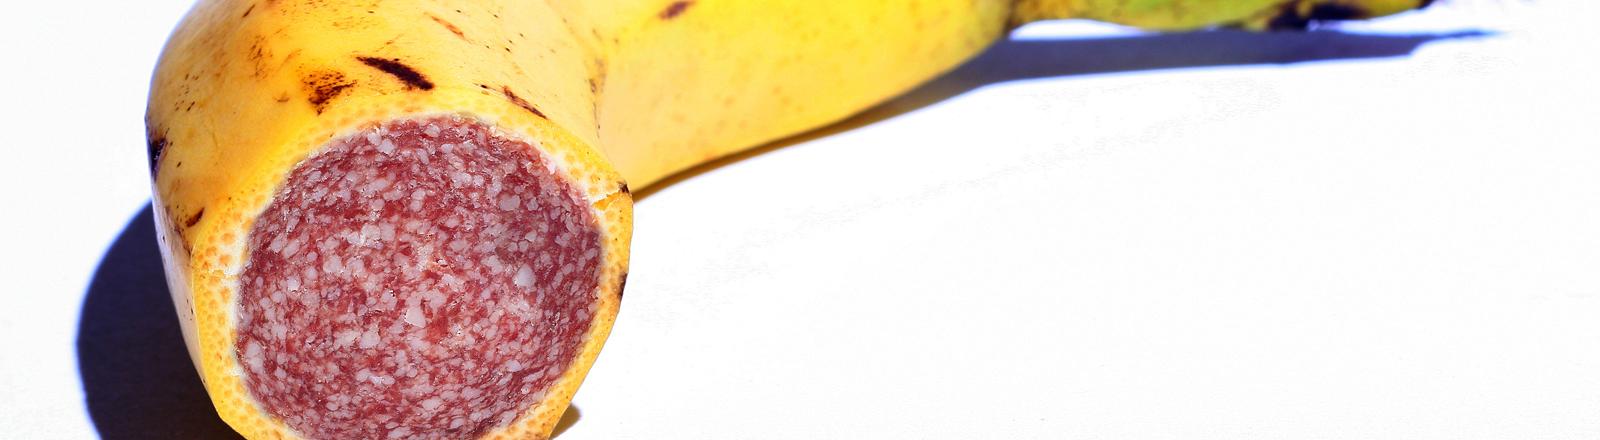 In einer aufgeschnittenen Banane steckt eine Salami.